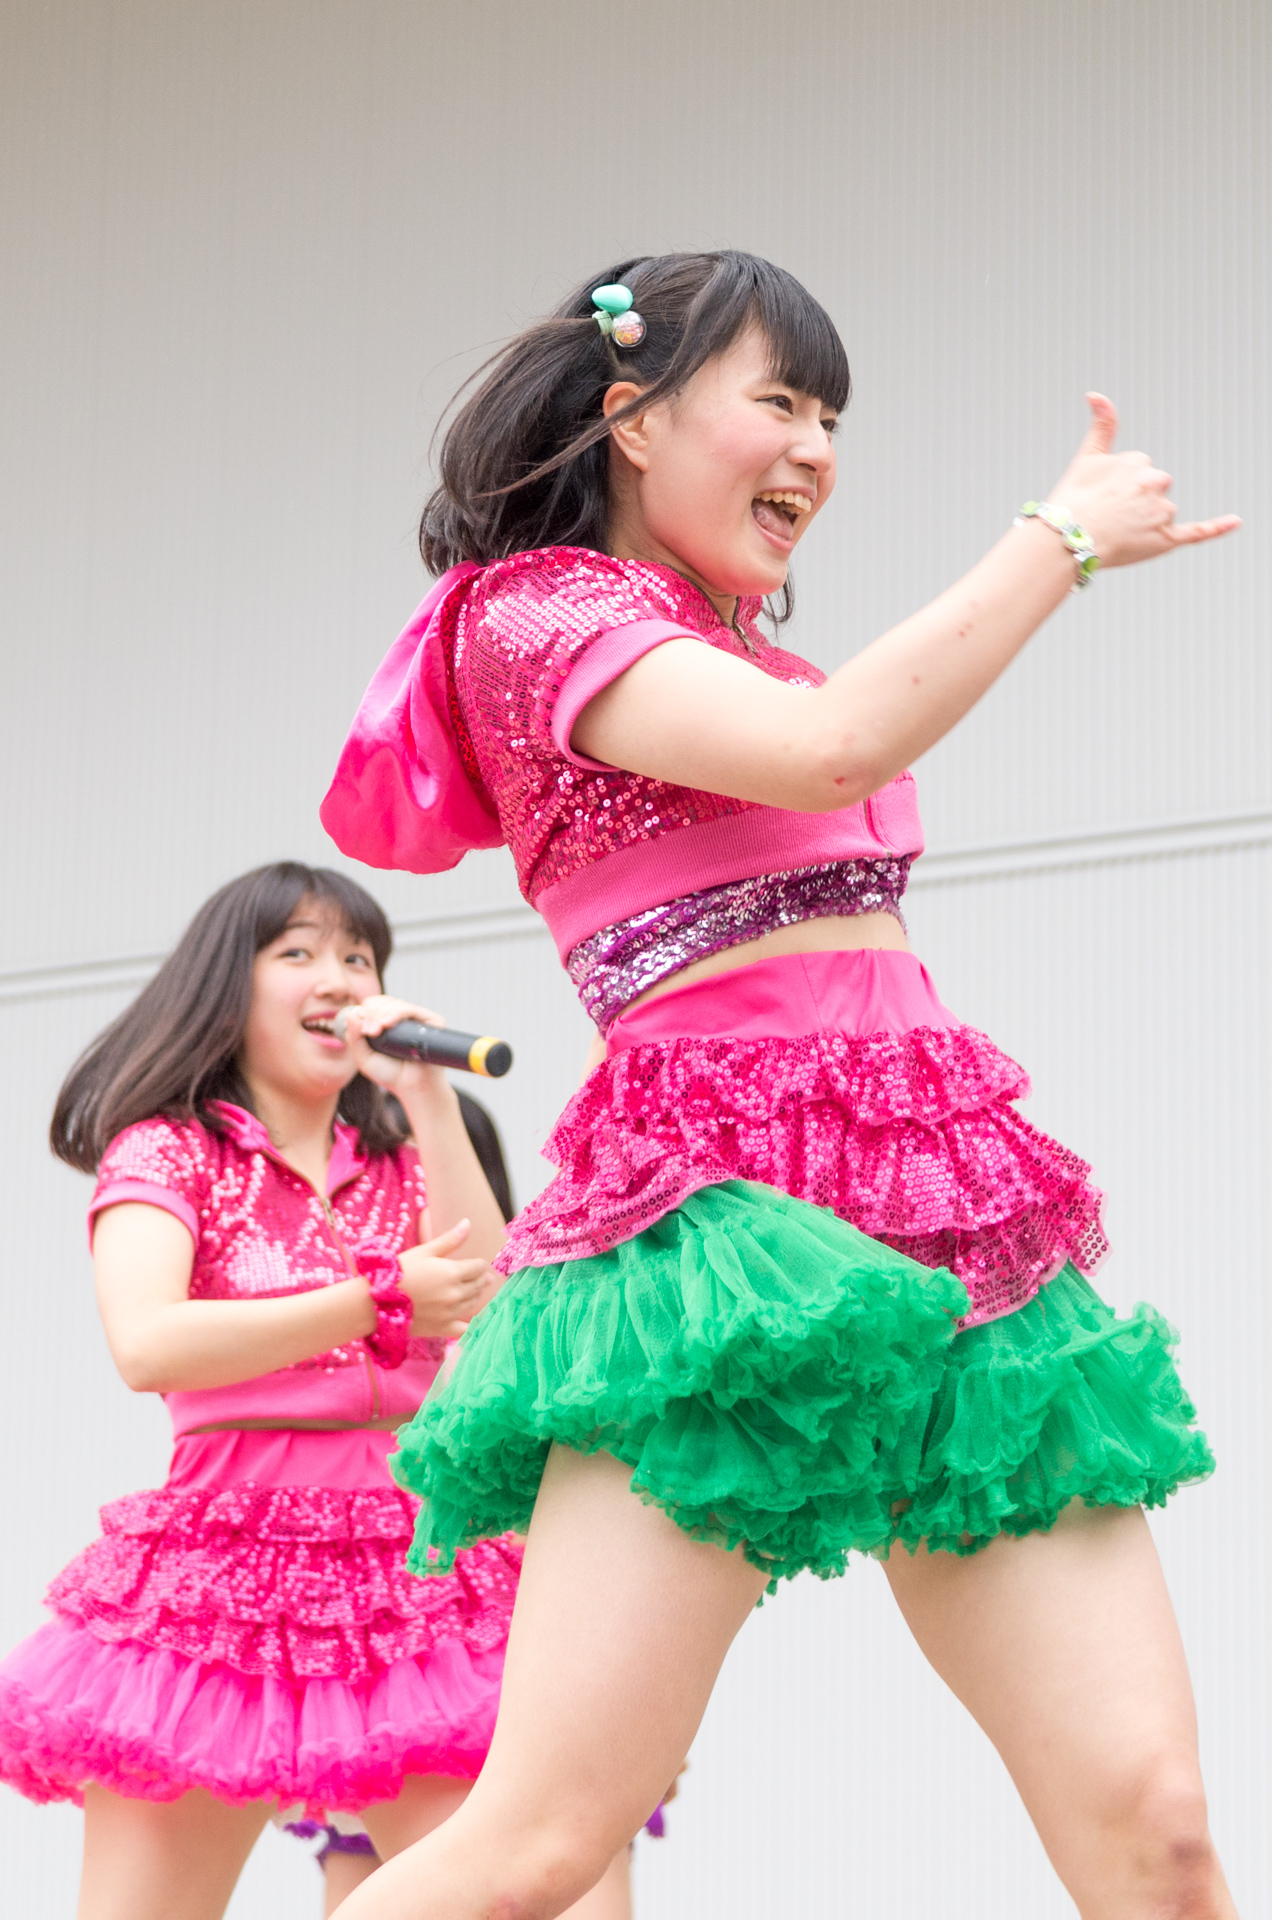 2代目HAPPY少女♪ あゆみ ( 新谷亜由美 )   アイドルライブ in 円山動物園